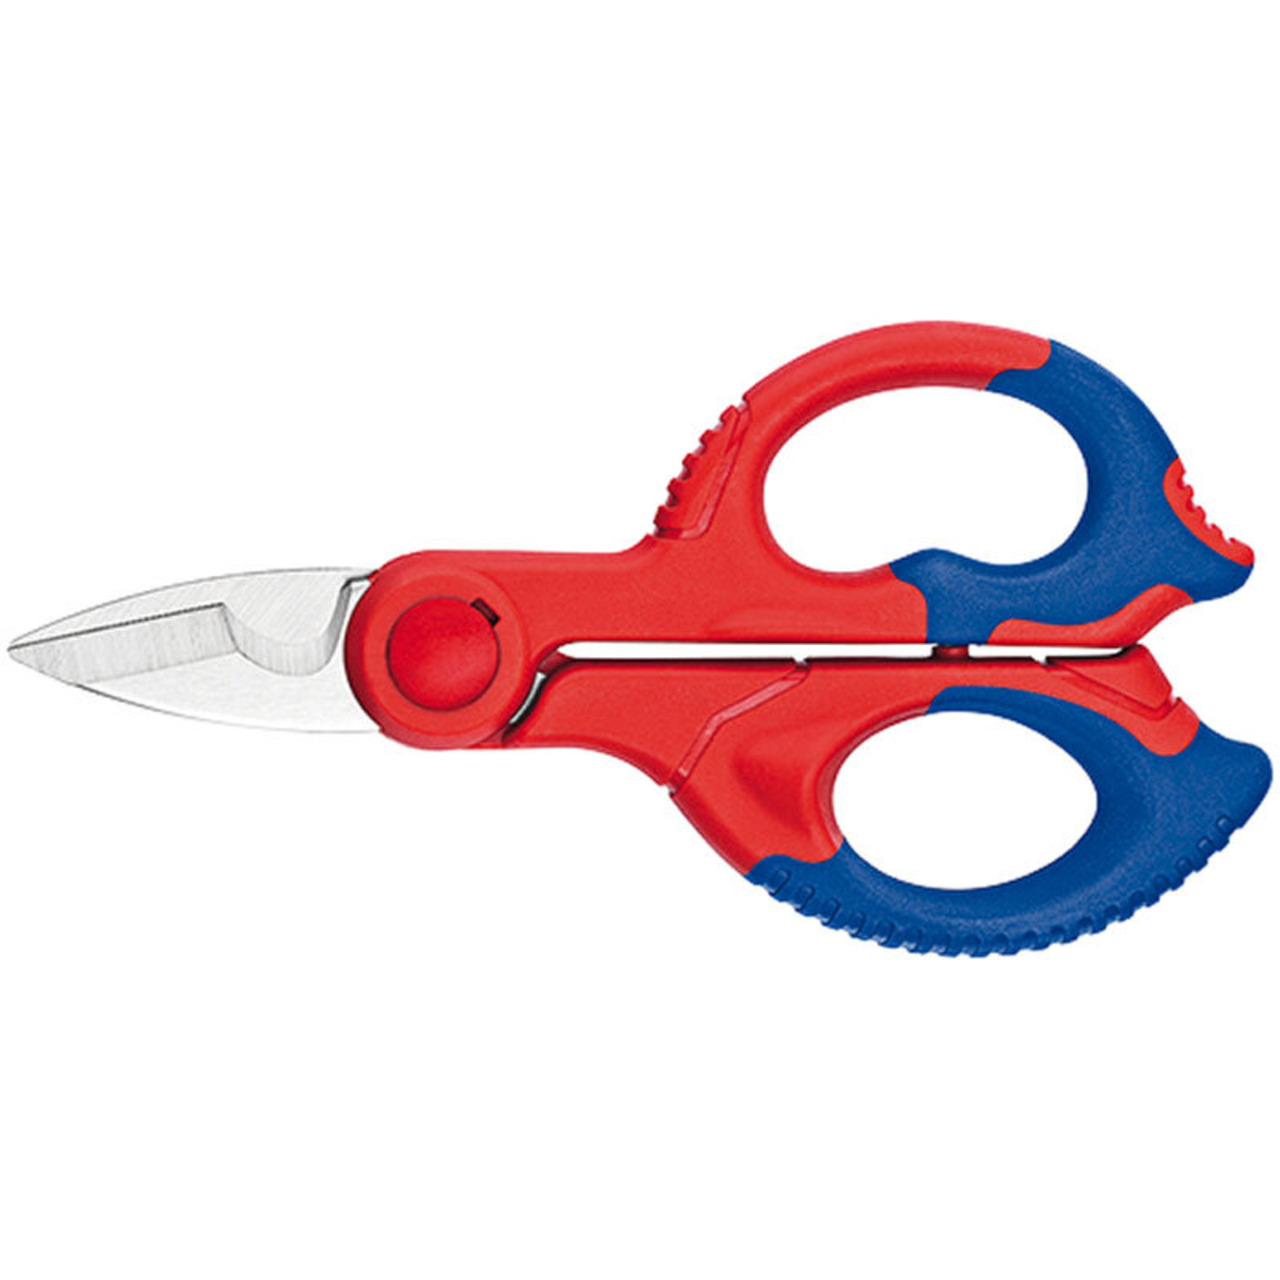 Knipex Elektrikerschere